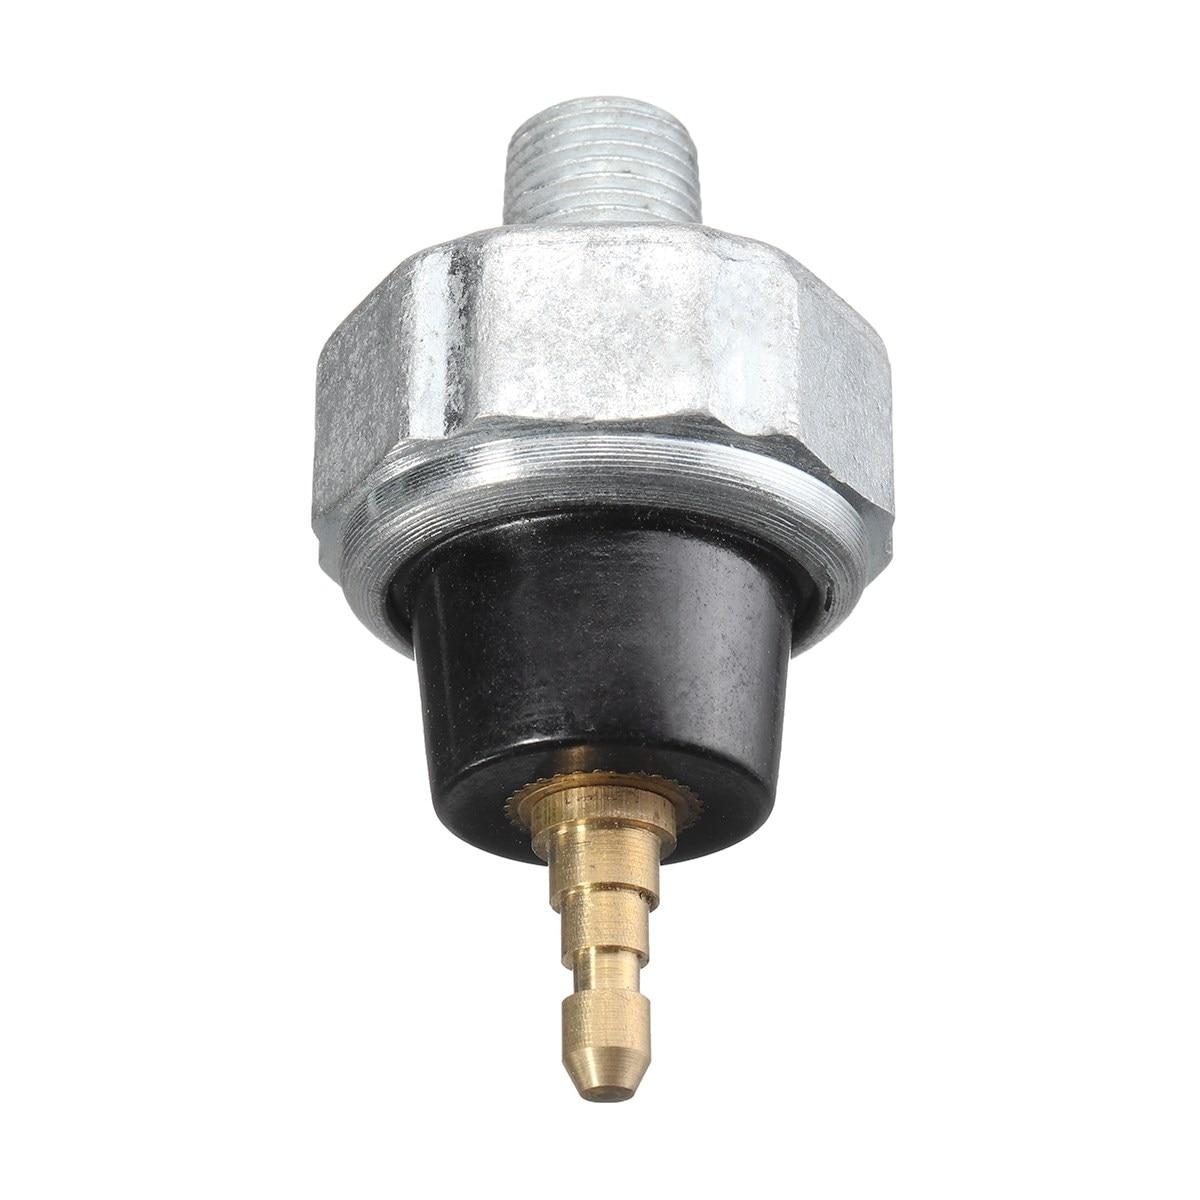 Oil Pressure Switch Sending Sensor For Acura Honda Chevrolet Geo 1987 1988 1989 1990 1991 1992